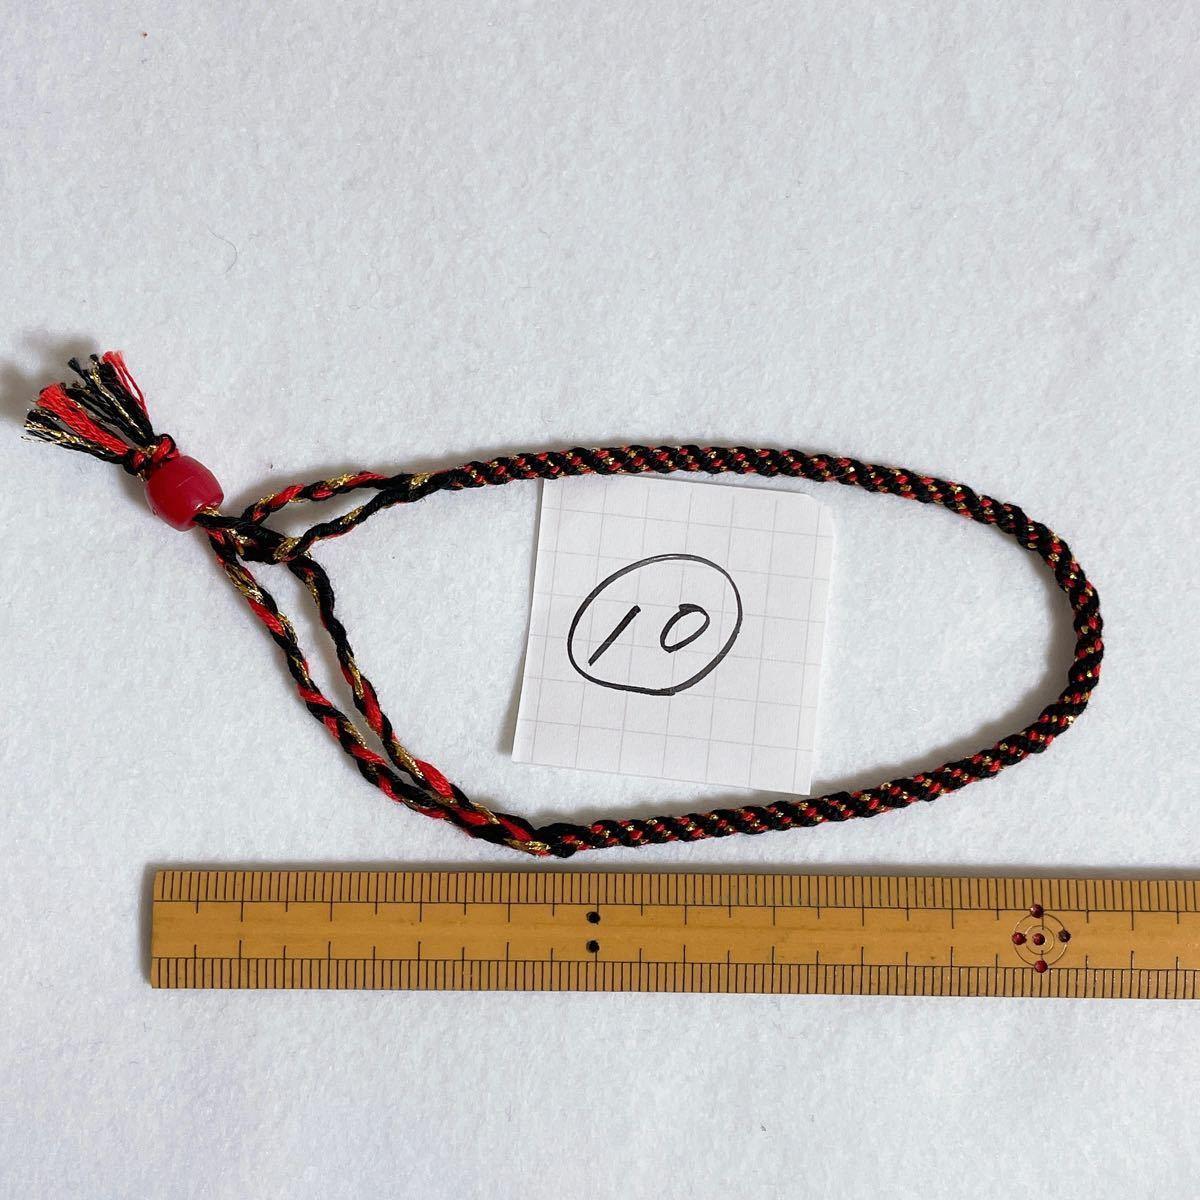 ハンドメイド 手作り アクセサリー ブレスレット アンクレット 刺繍 推しカラー イメージカラー 部活 プレゼント お揃い 組紐